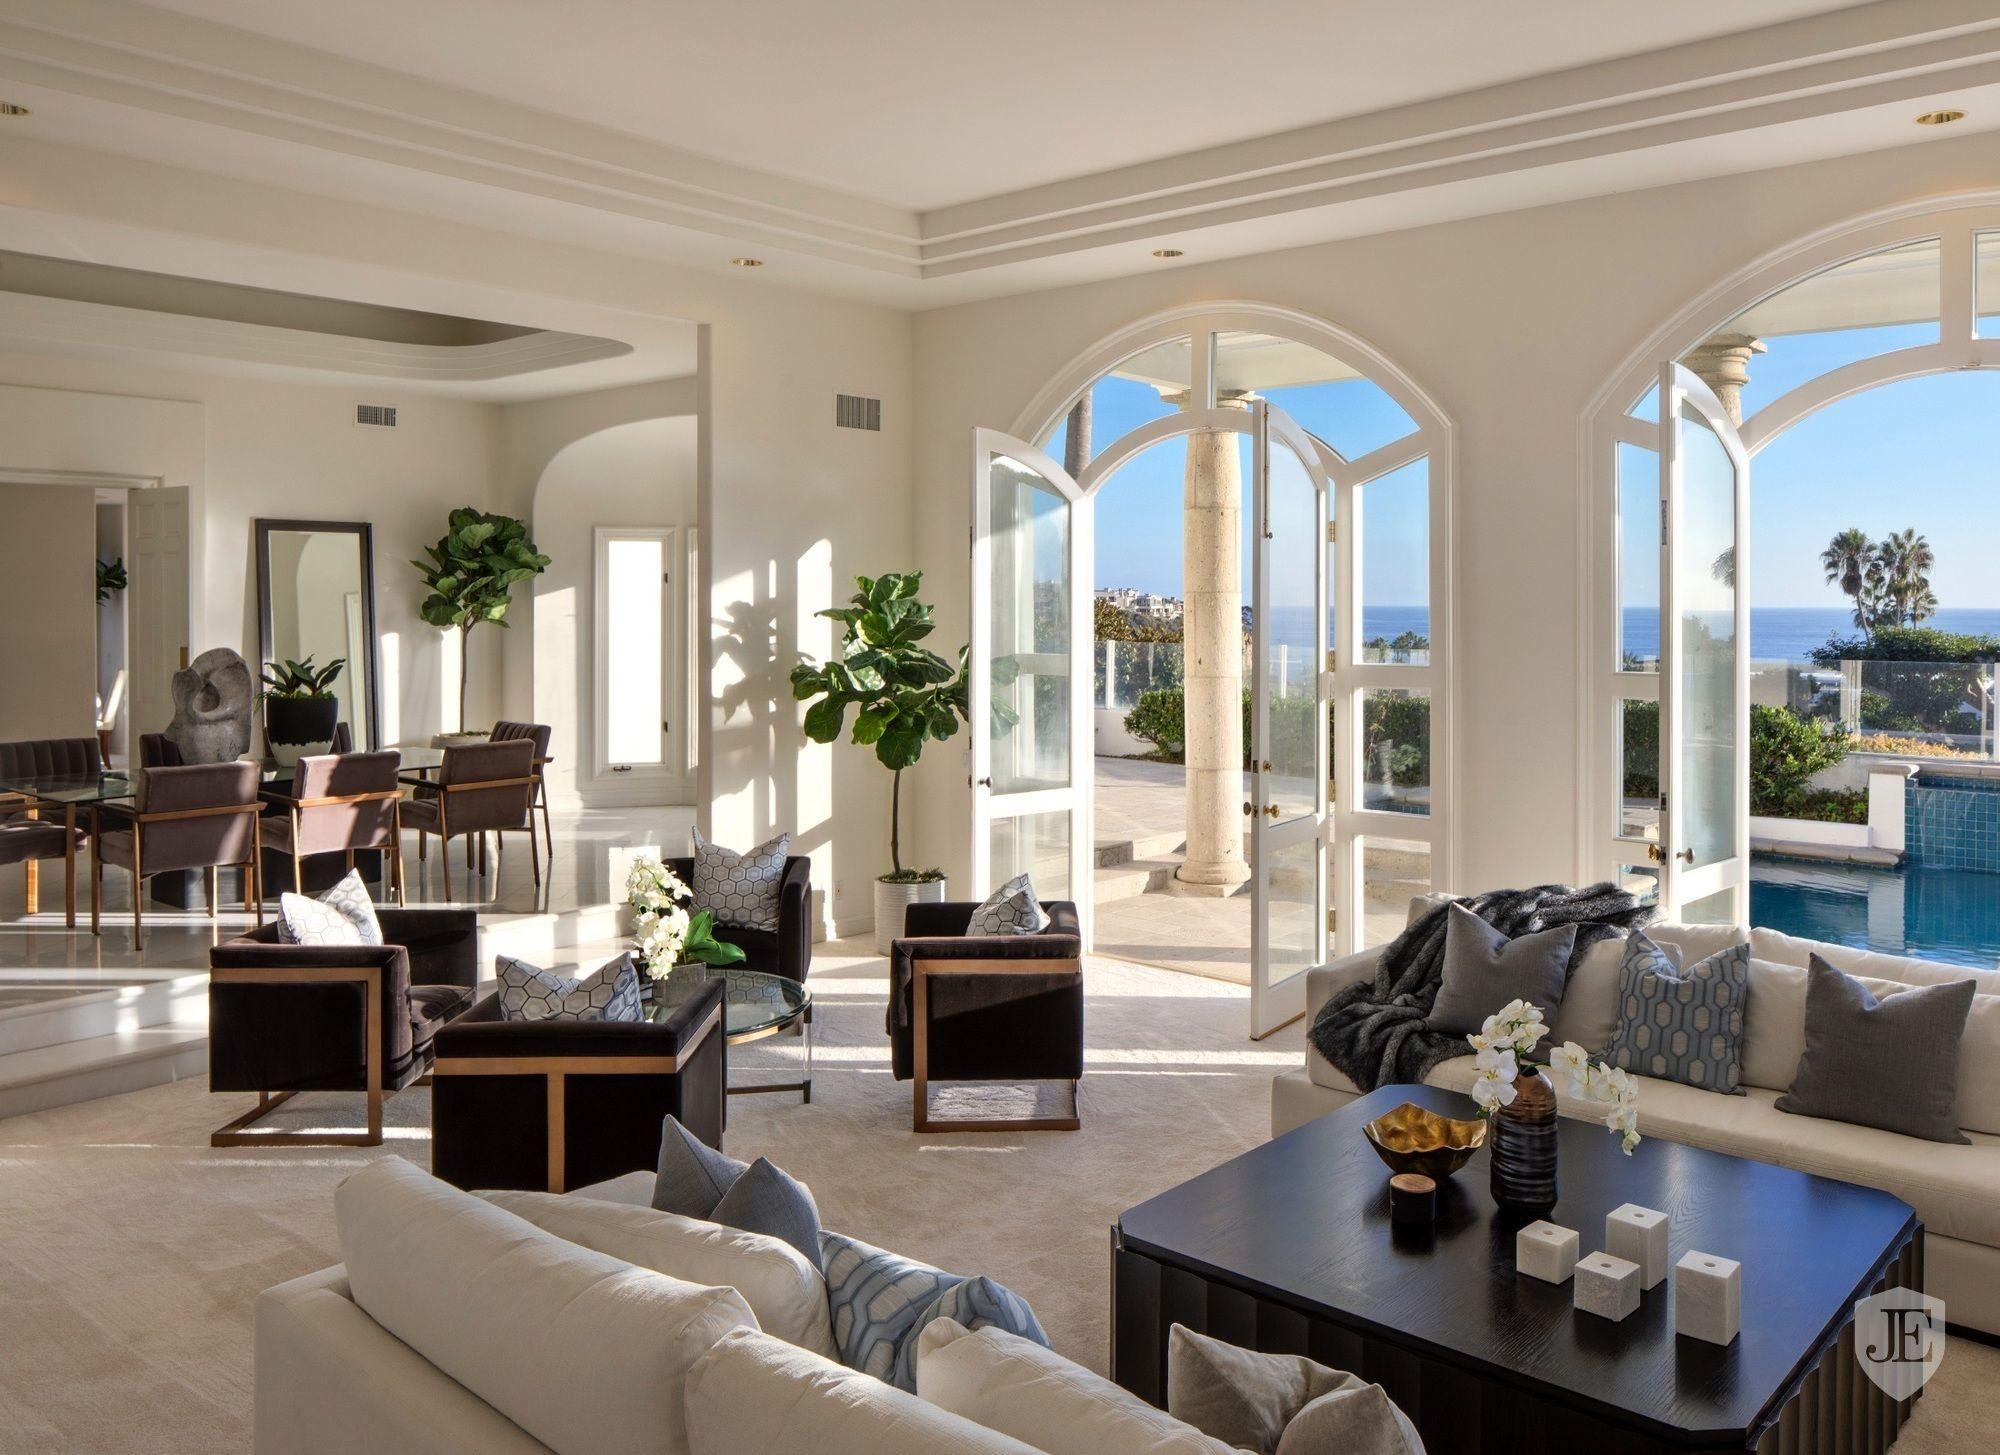 2550 Irvine Cove In Laguna Beach Ca United States For Sale 10419021 White Marble Floor Laguna Beach Interior Design